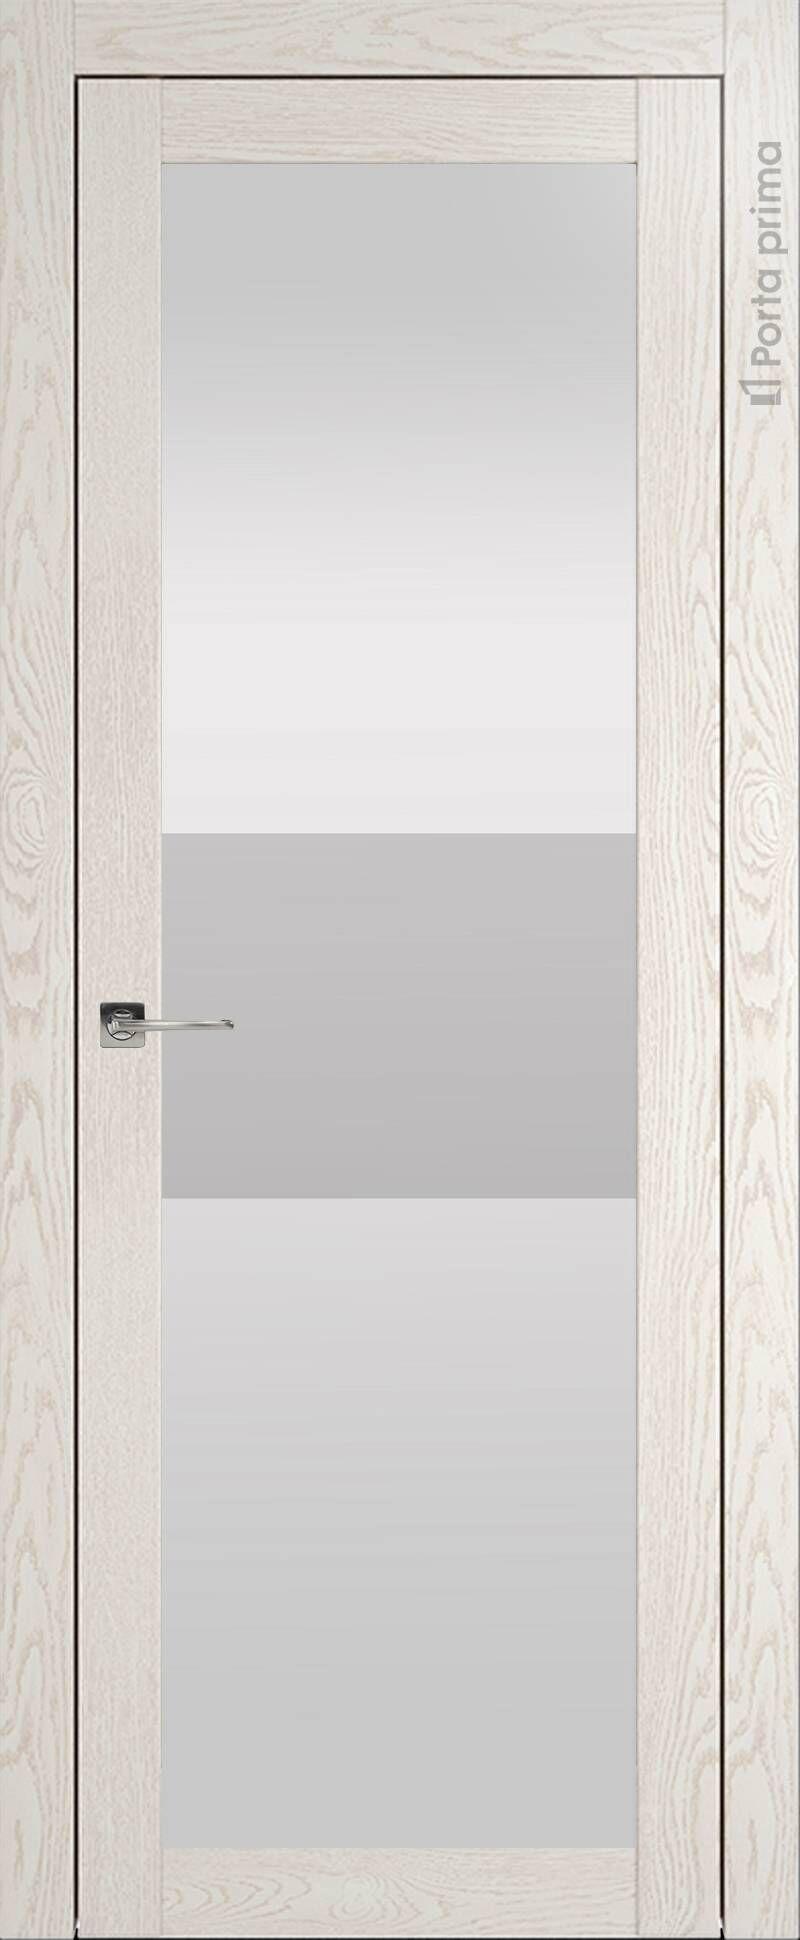 Tivoli З-4 цвет - Белый ясень (nano-flex) Со стеклом (ДО)